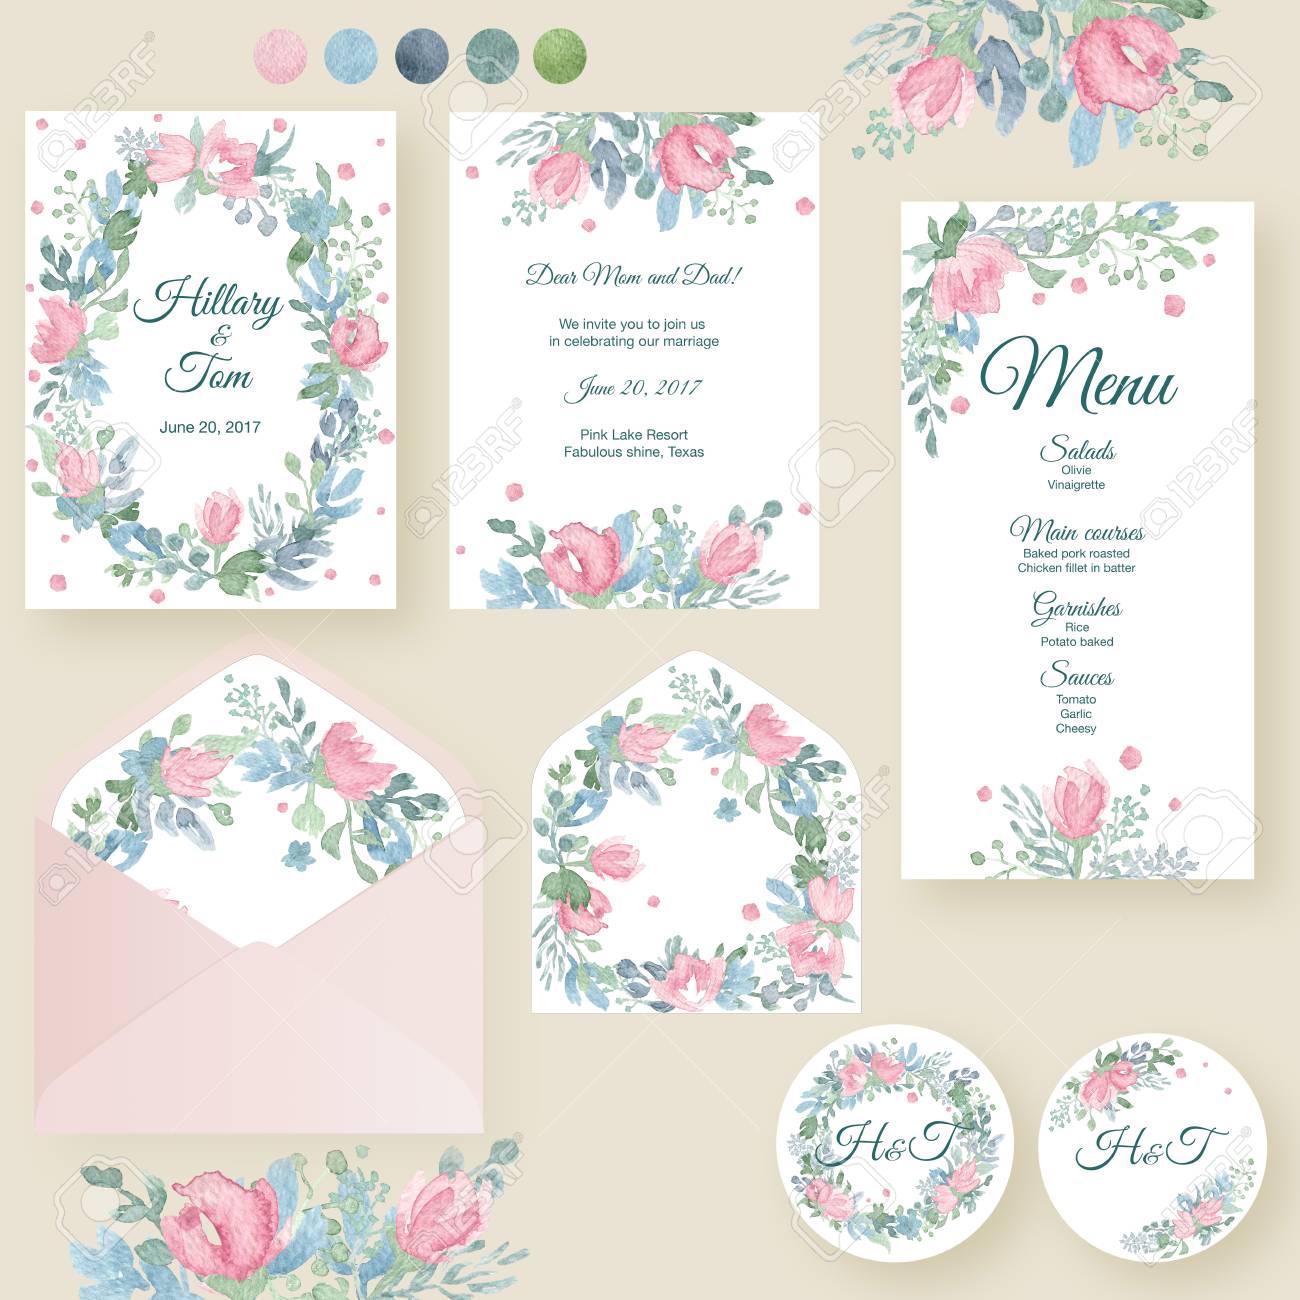 Aquarell Hochzeit Einladungskarten Suite Mit Zarten Rosen Und ... - Einladungskarten Hochzeit Rosen